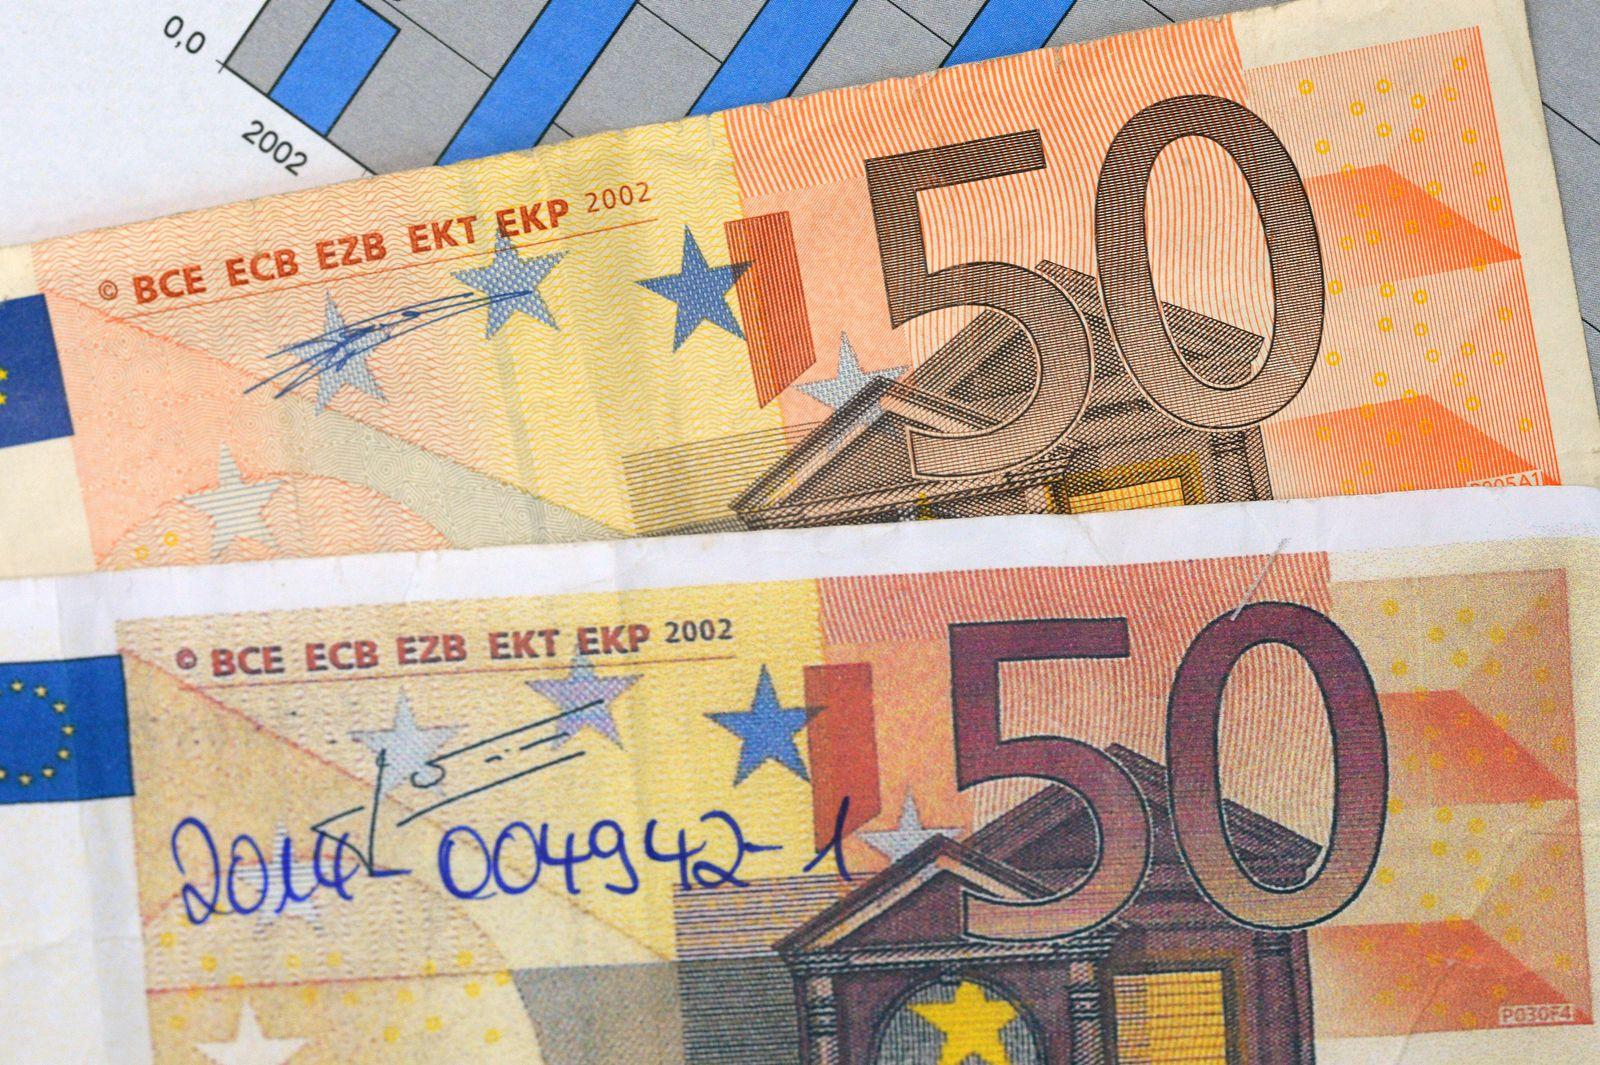 gefälschte 50-Euro-Banknote